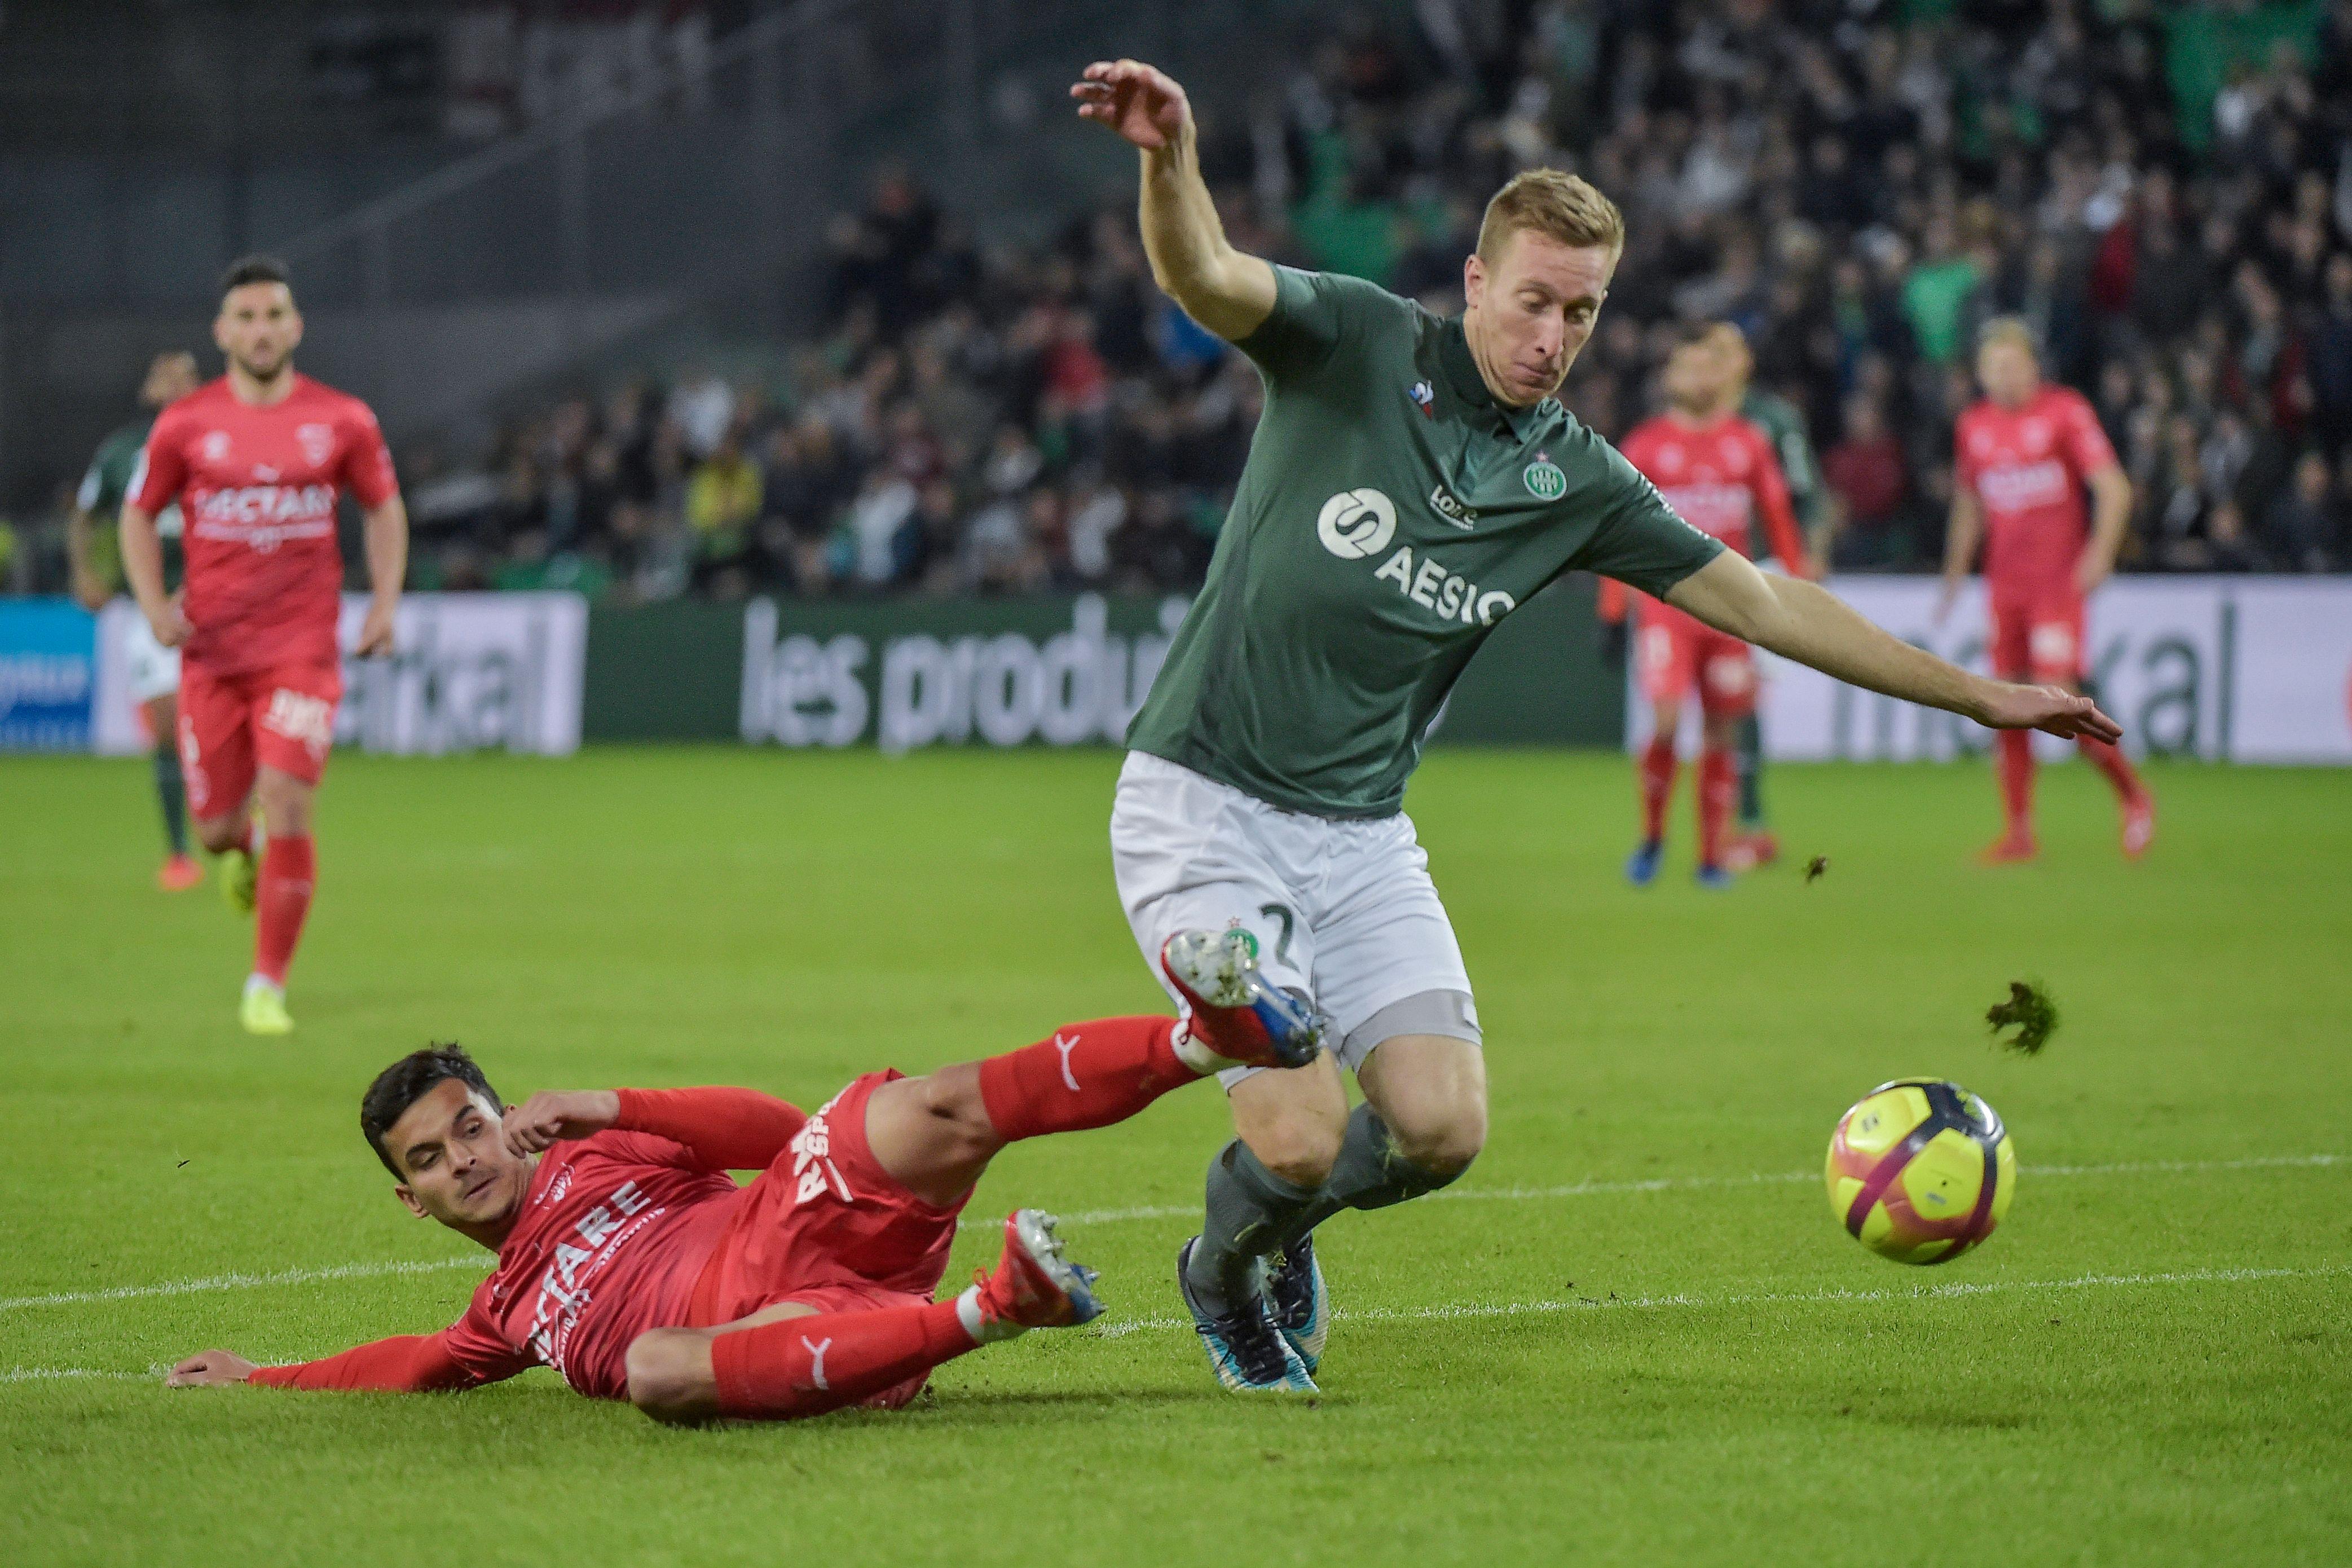 Saint-Etienne - Nimes 2-1 - Les Verts domptent Nîmes et dépassent l'OM |  Goal.com